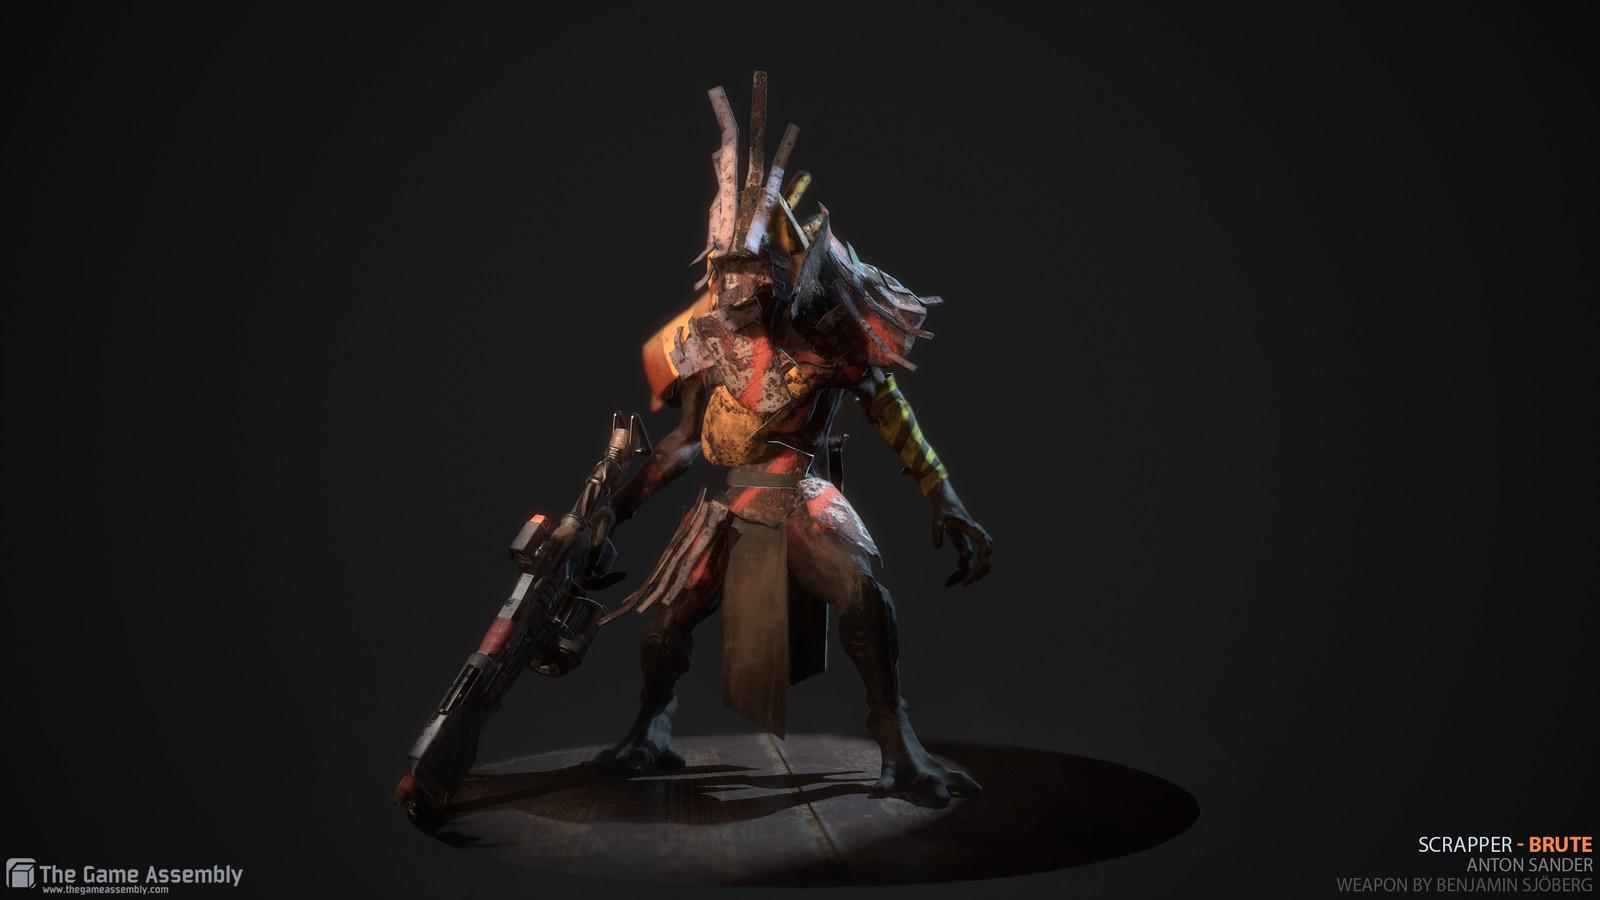 Scrappers - Brute